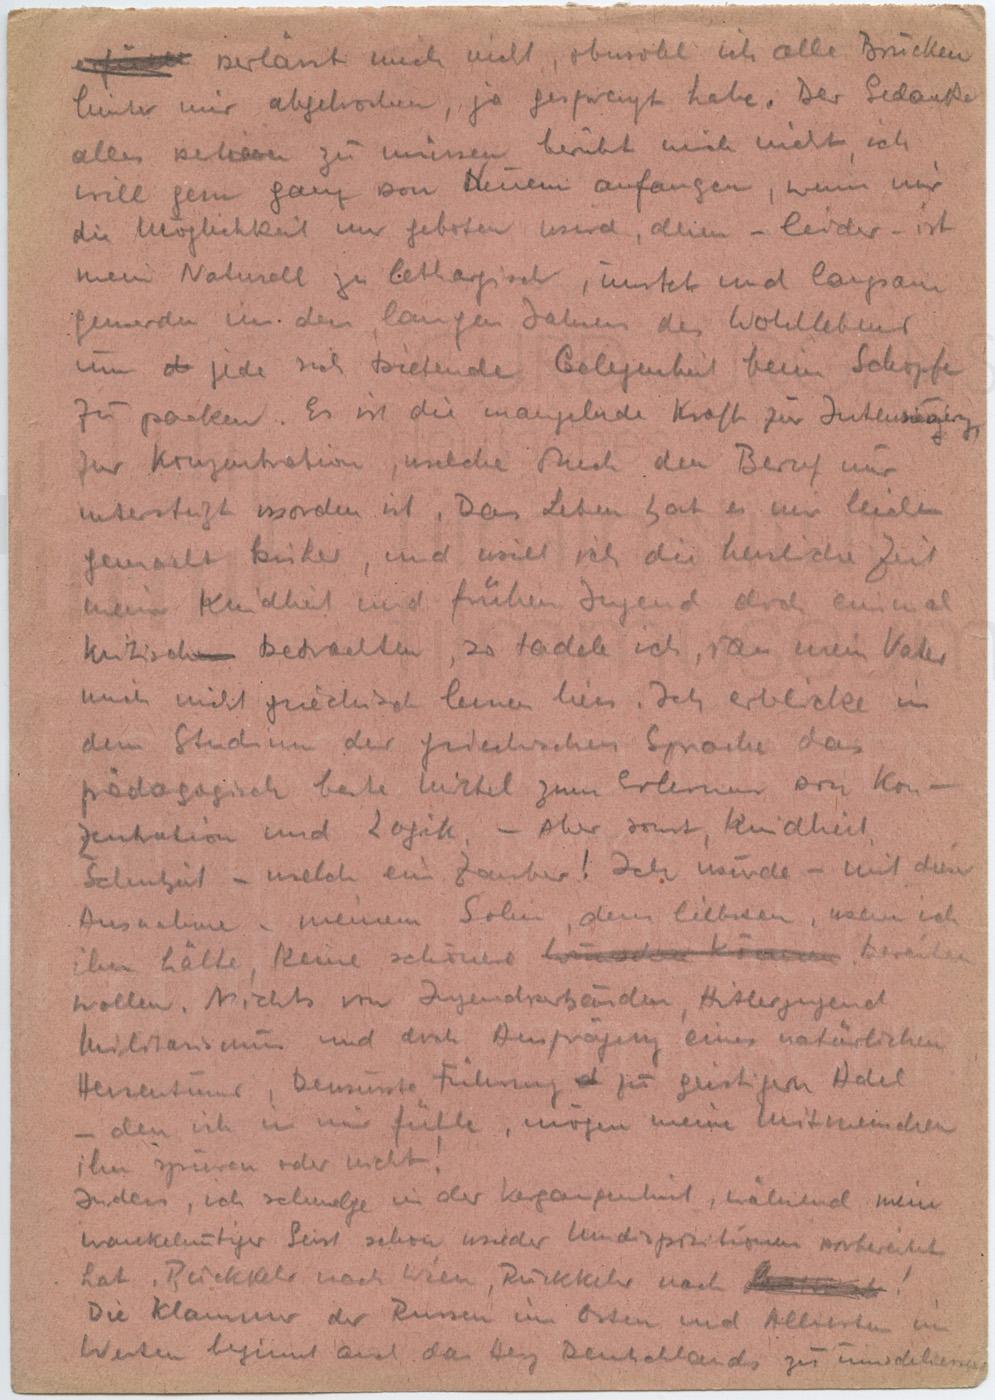 Tagebuchähnliche Aufzeichnungen über Kriegserlebnisse, Anfang 1940er Jahre